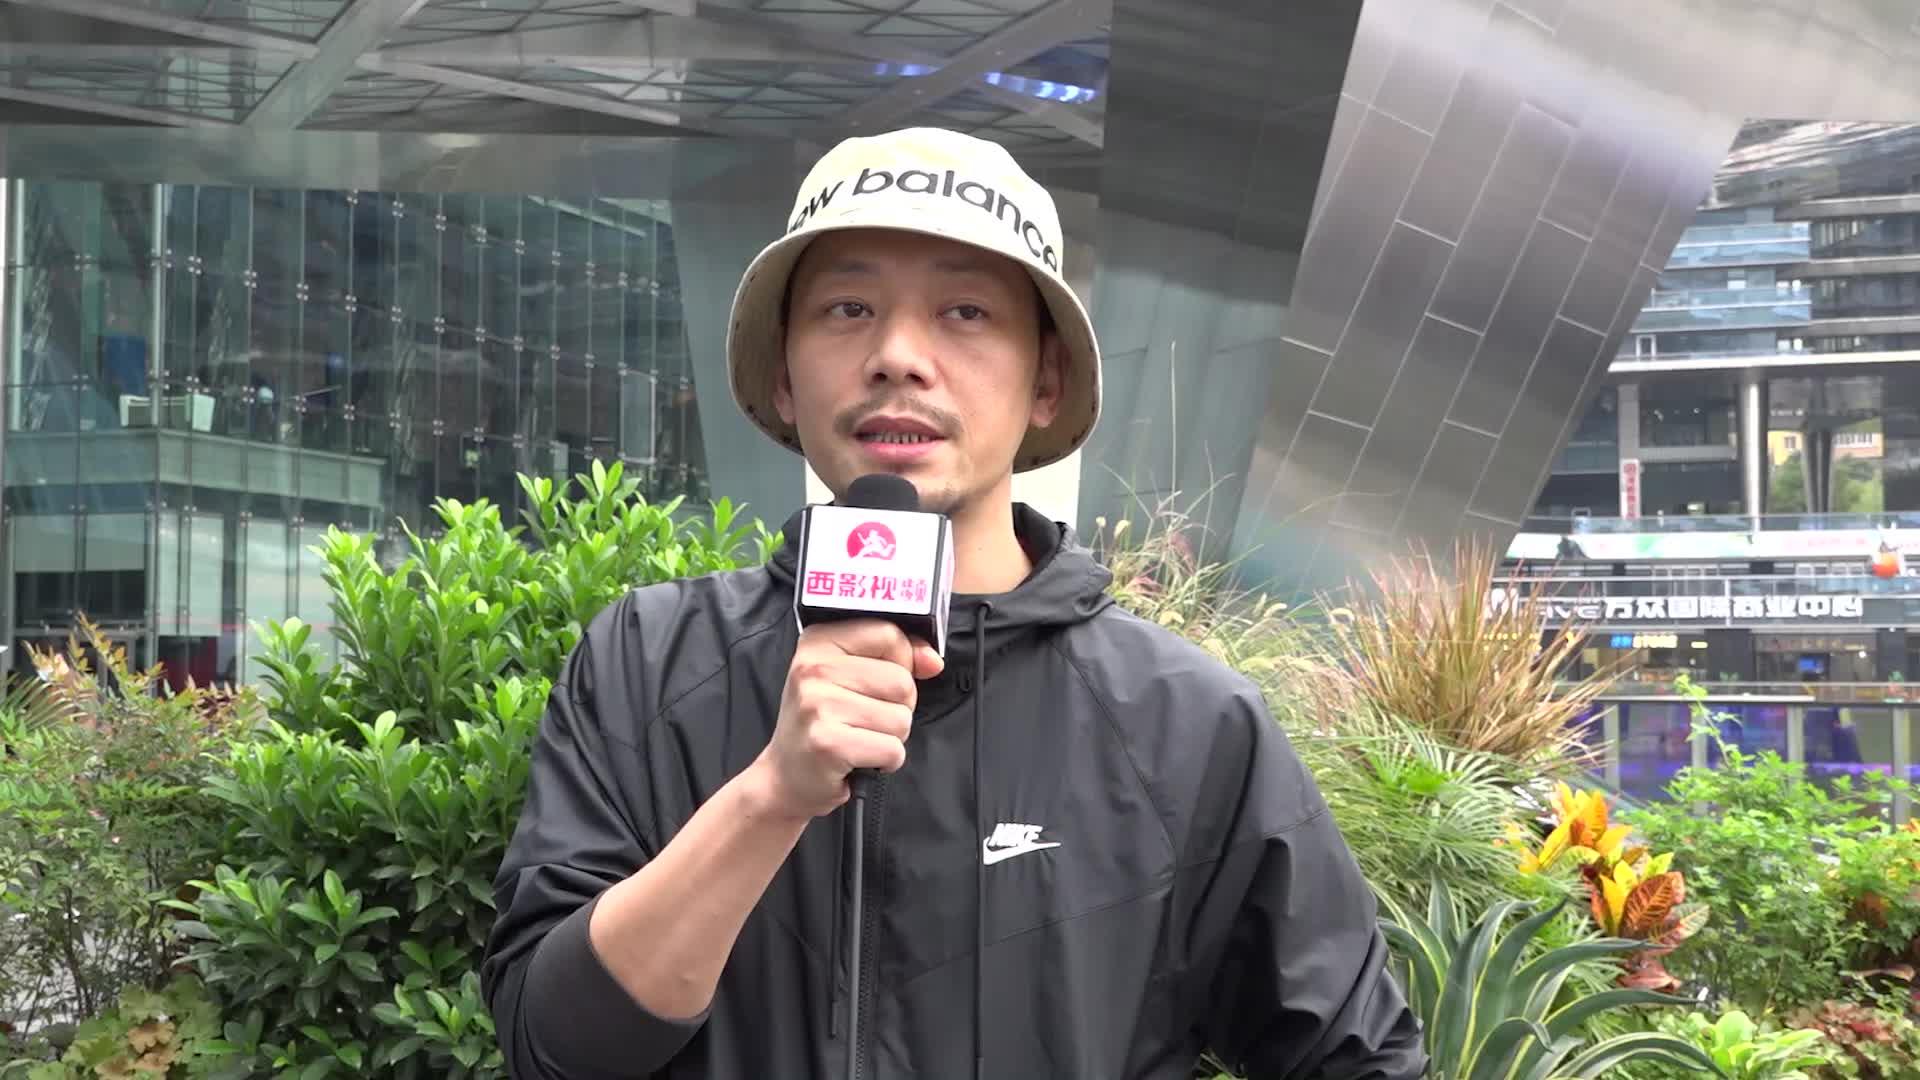 《画饼》亮相丝绸之路国际电影节 导演李子轩讲述创作历程